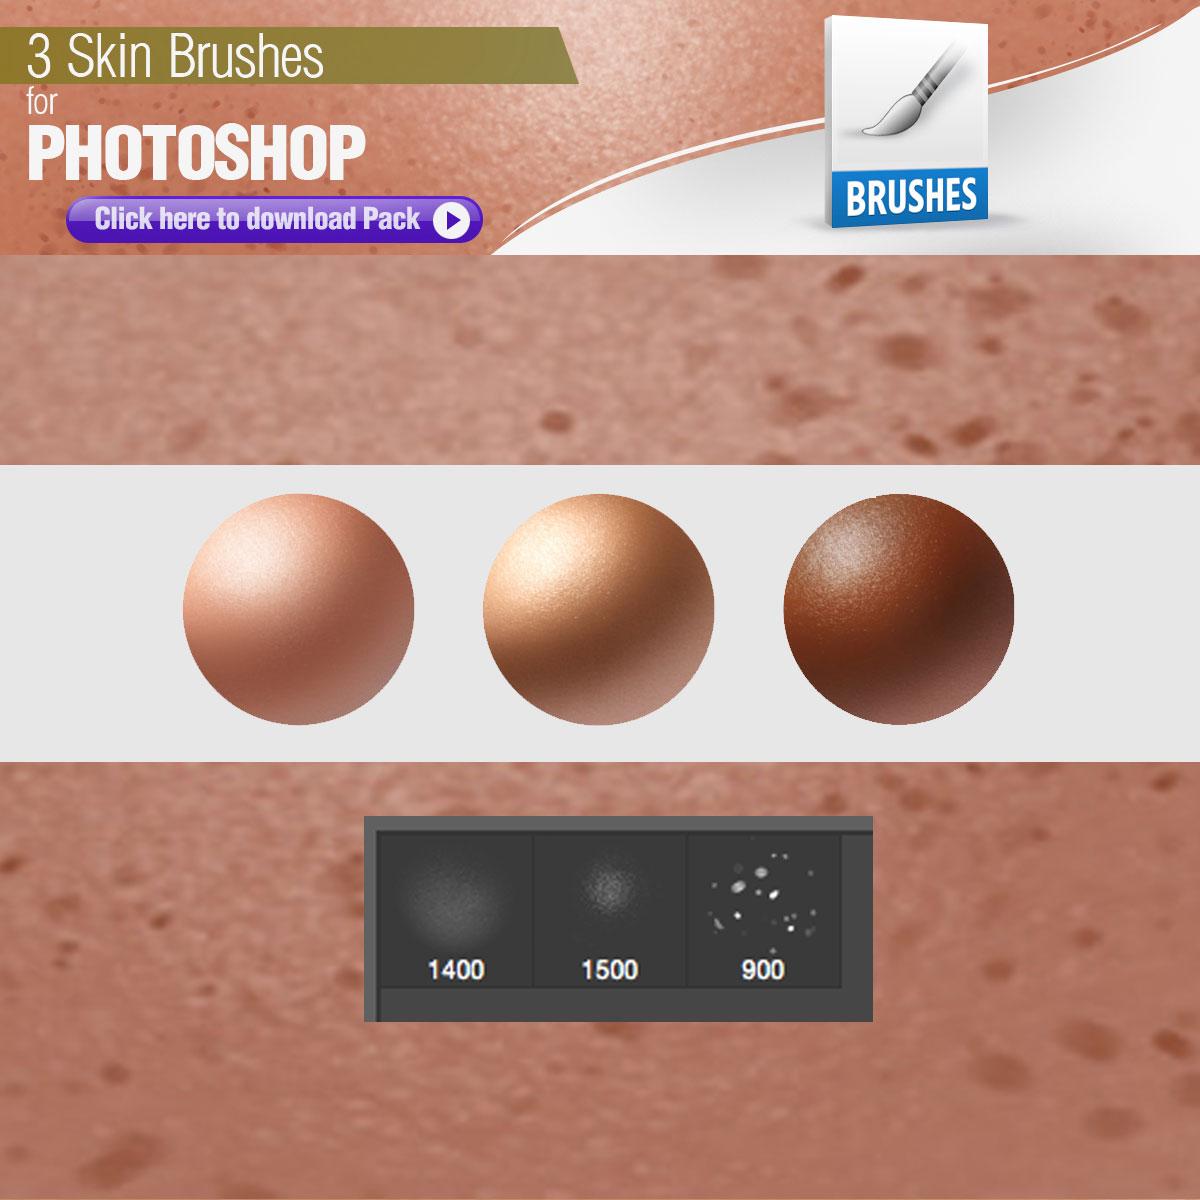 3 Skin Brushes - Photoshop brushes